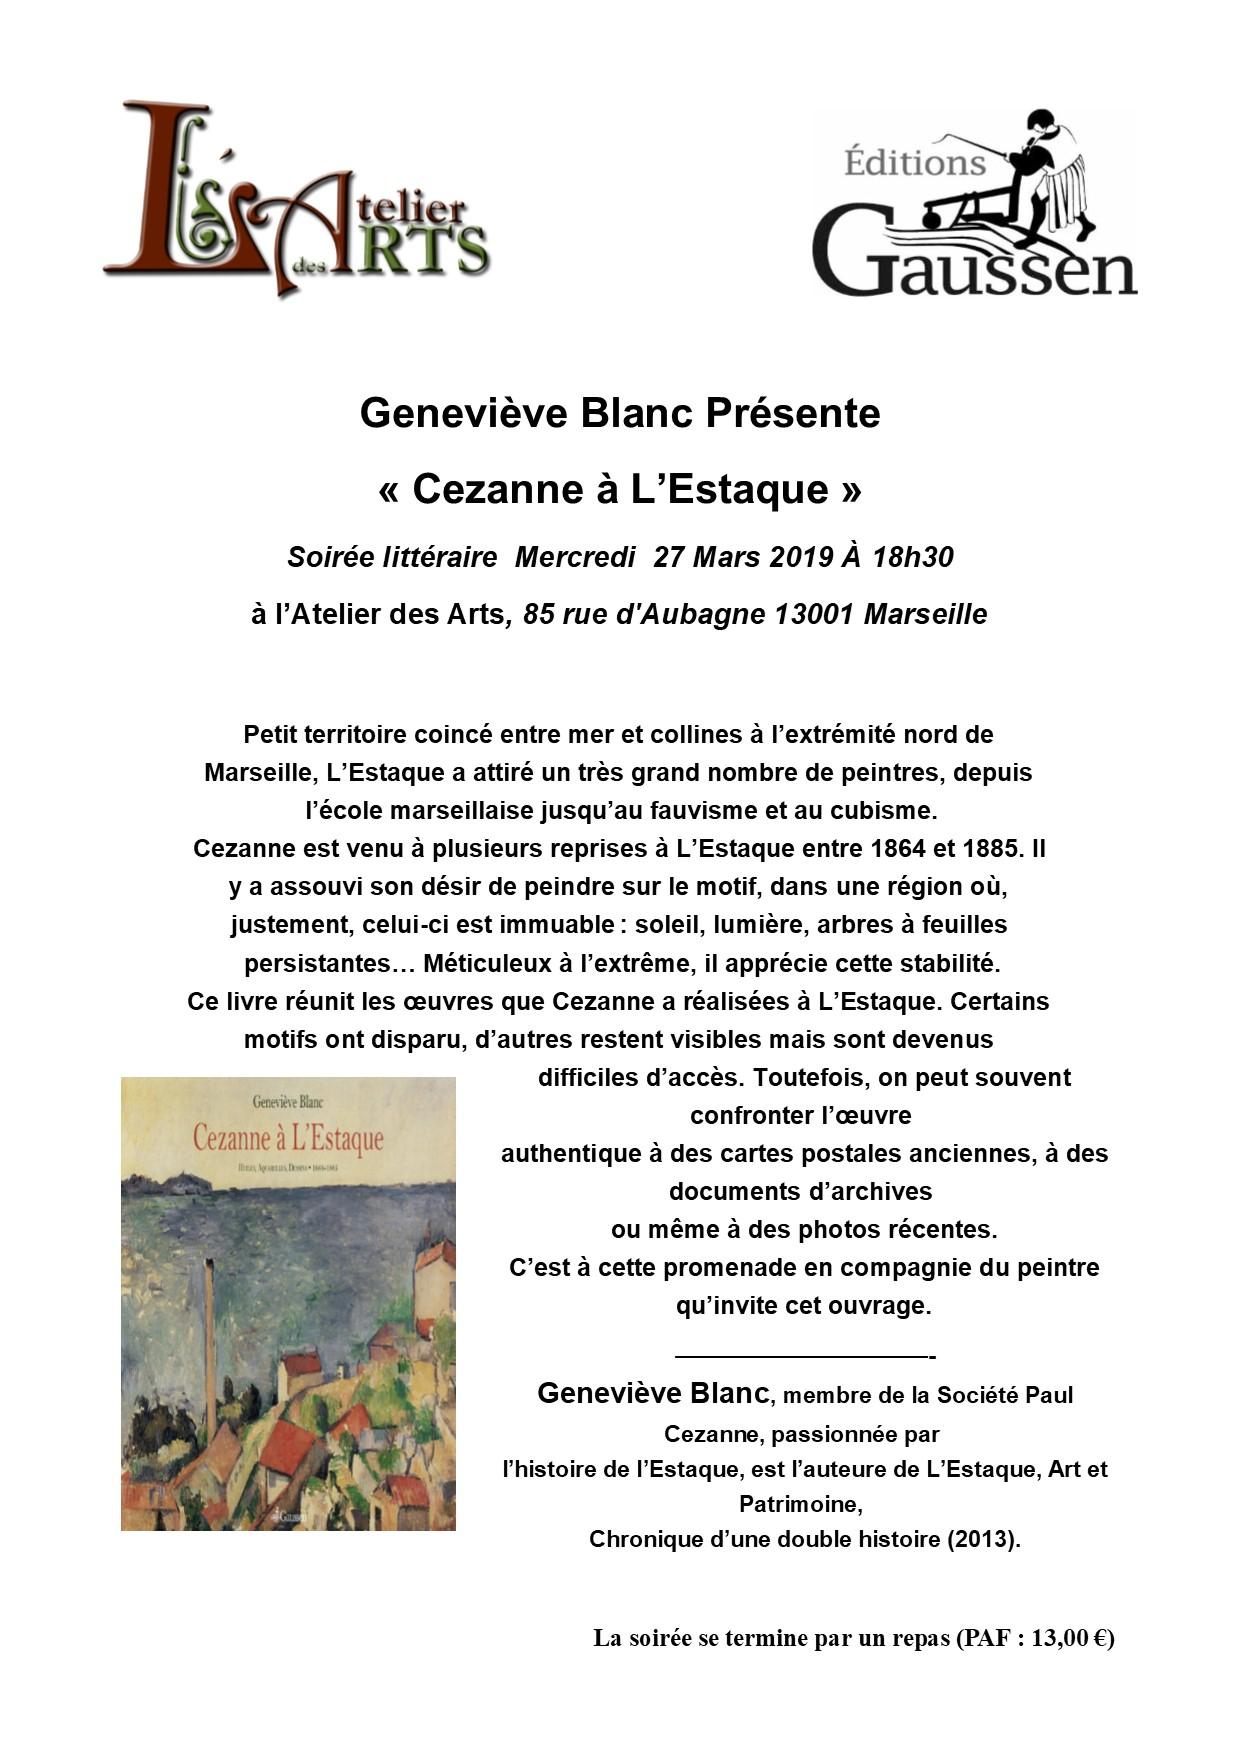 Geneviève Blanc présente «Cézanne à l'Estaque»